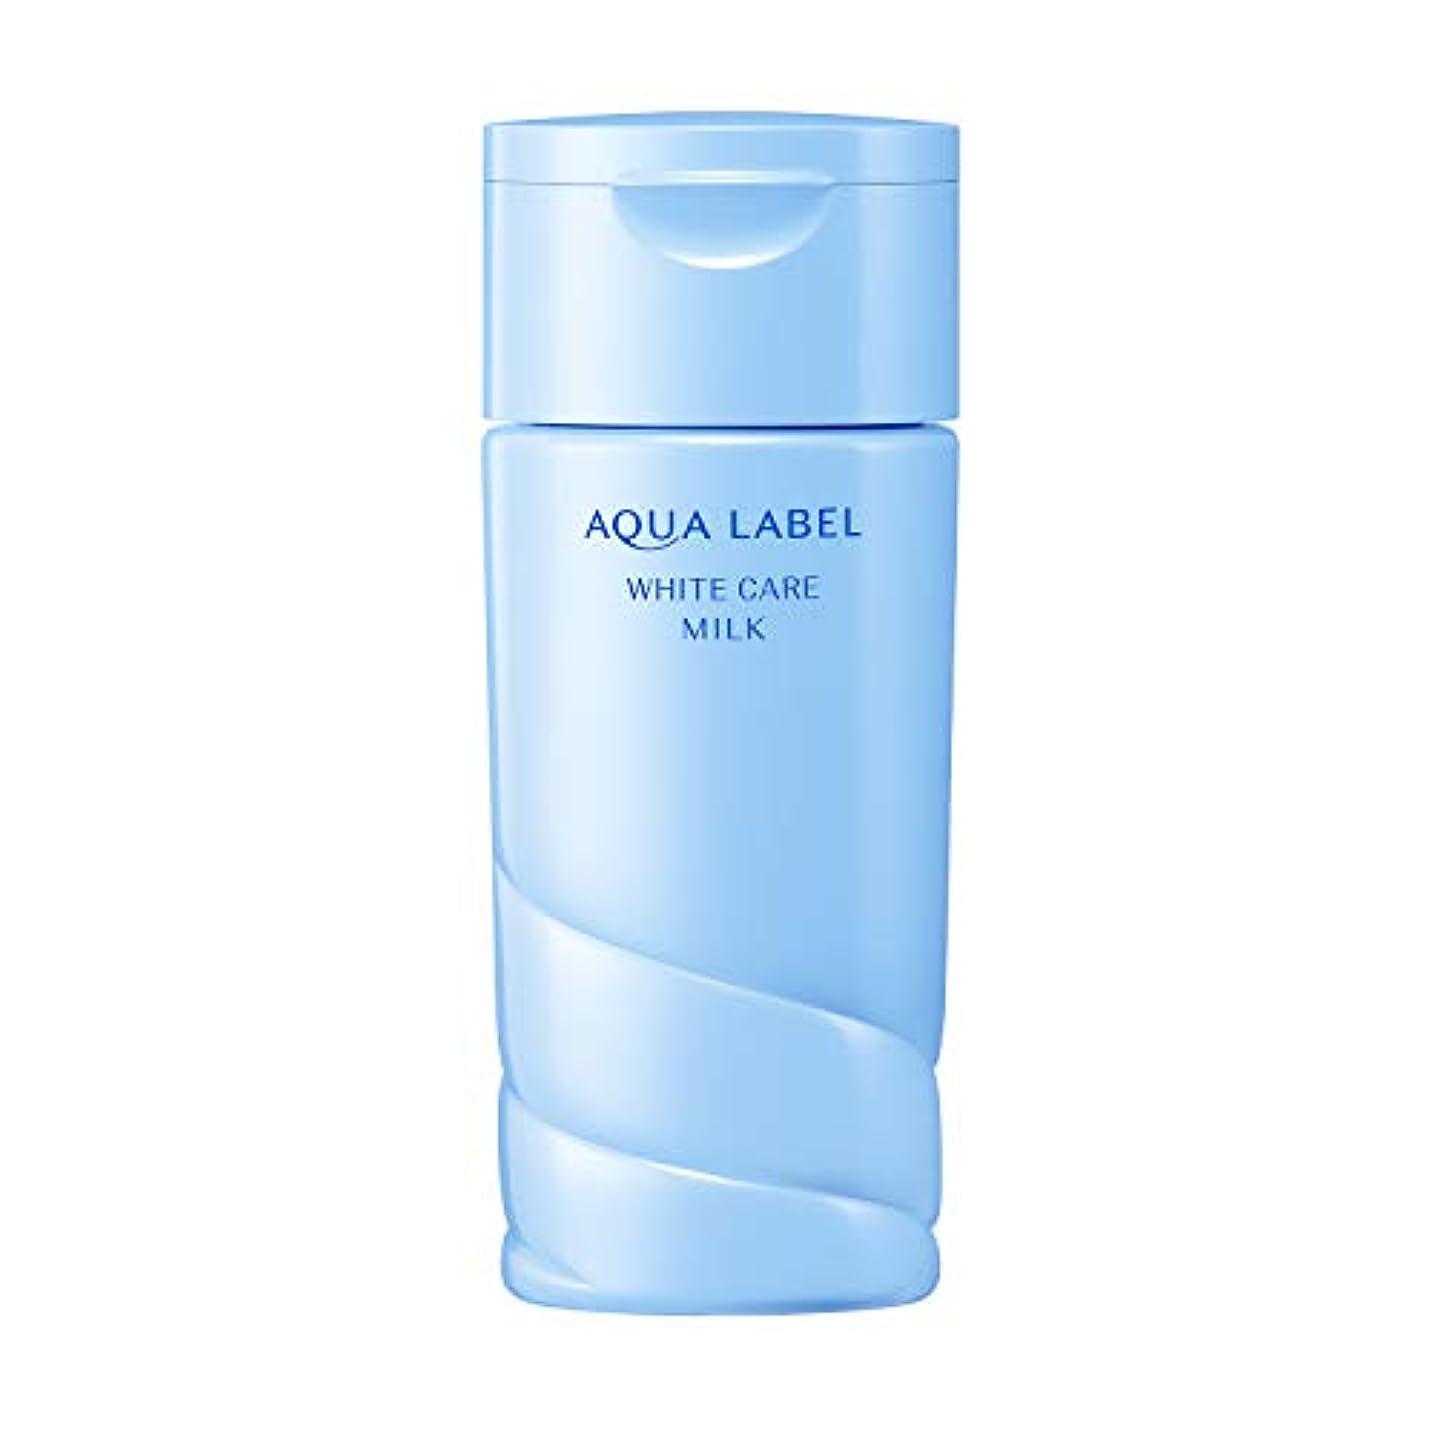 特別にディプロマ地中海AQUALABEL(アクアレーベル) ホワイトケア ミルク 【医薬部外品】 130mL